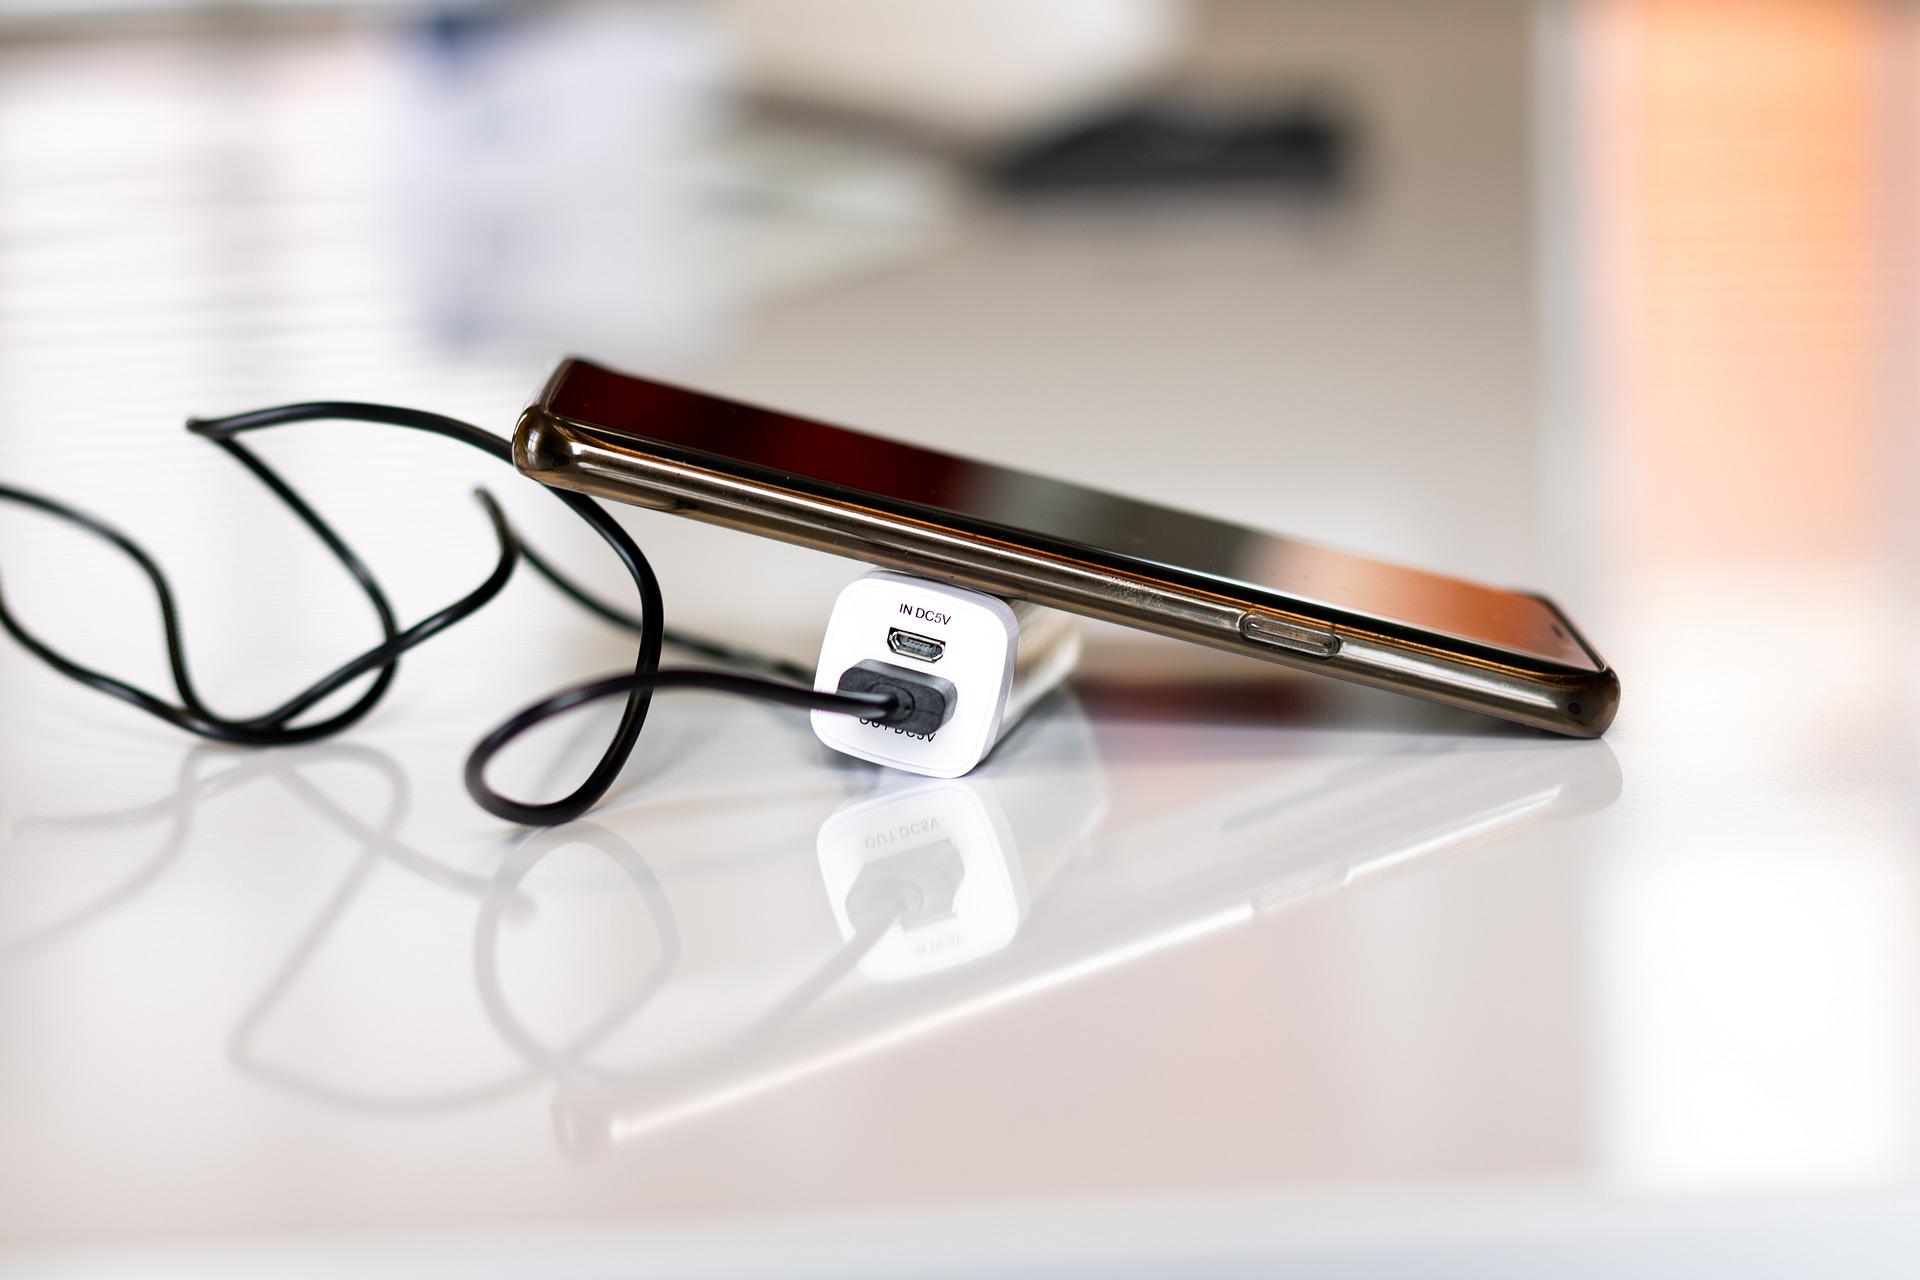 Na foto um celular em cima de um carregador portátil.